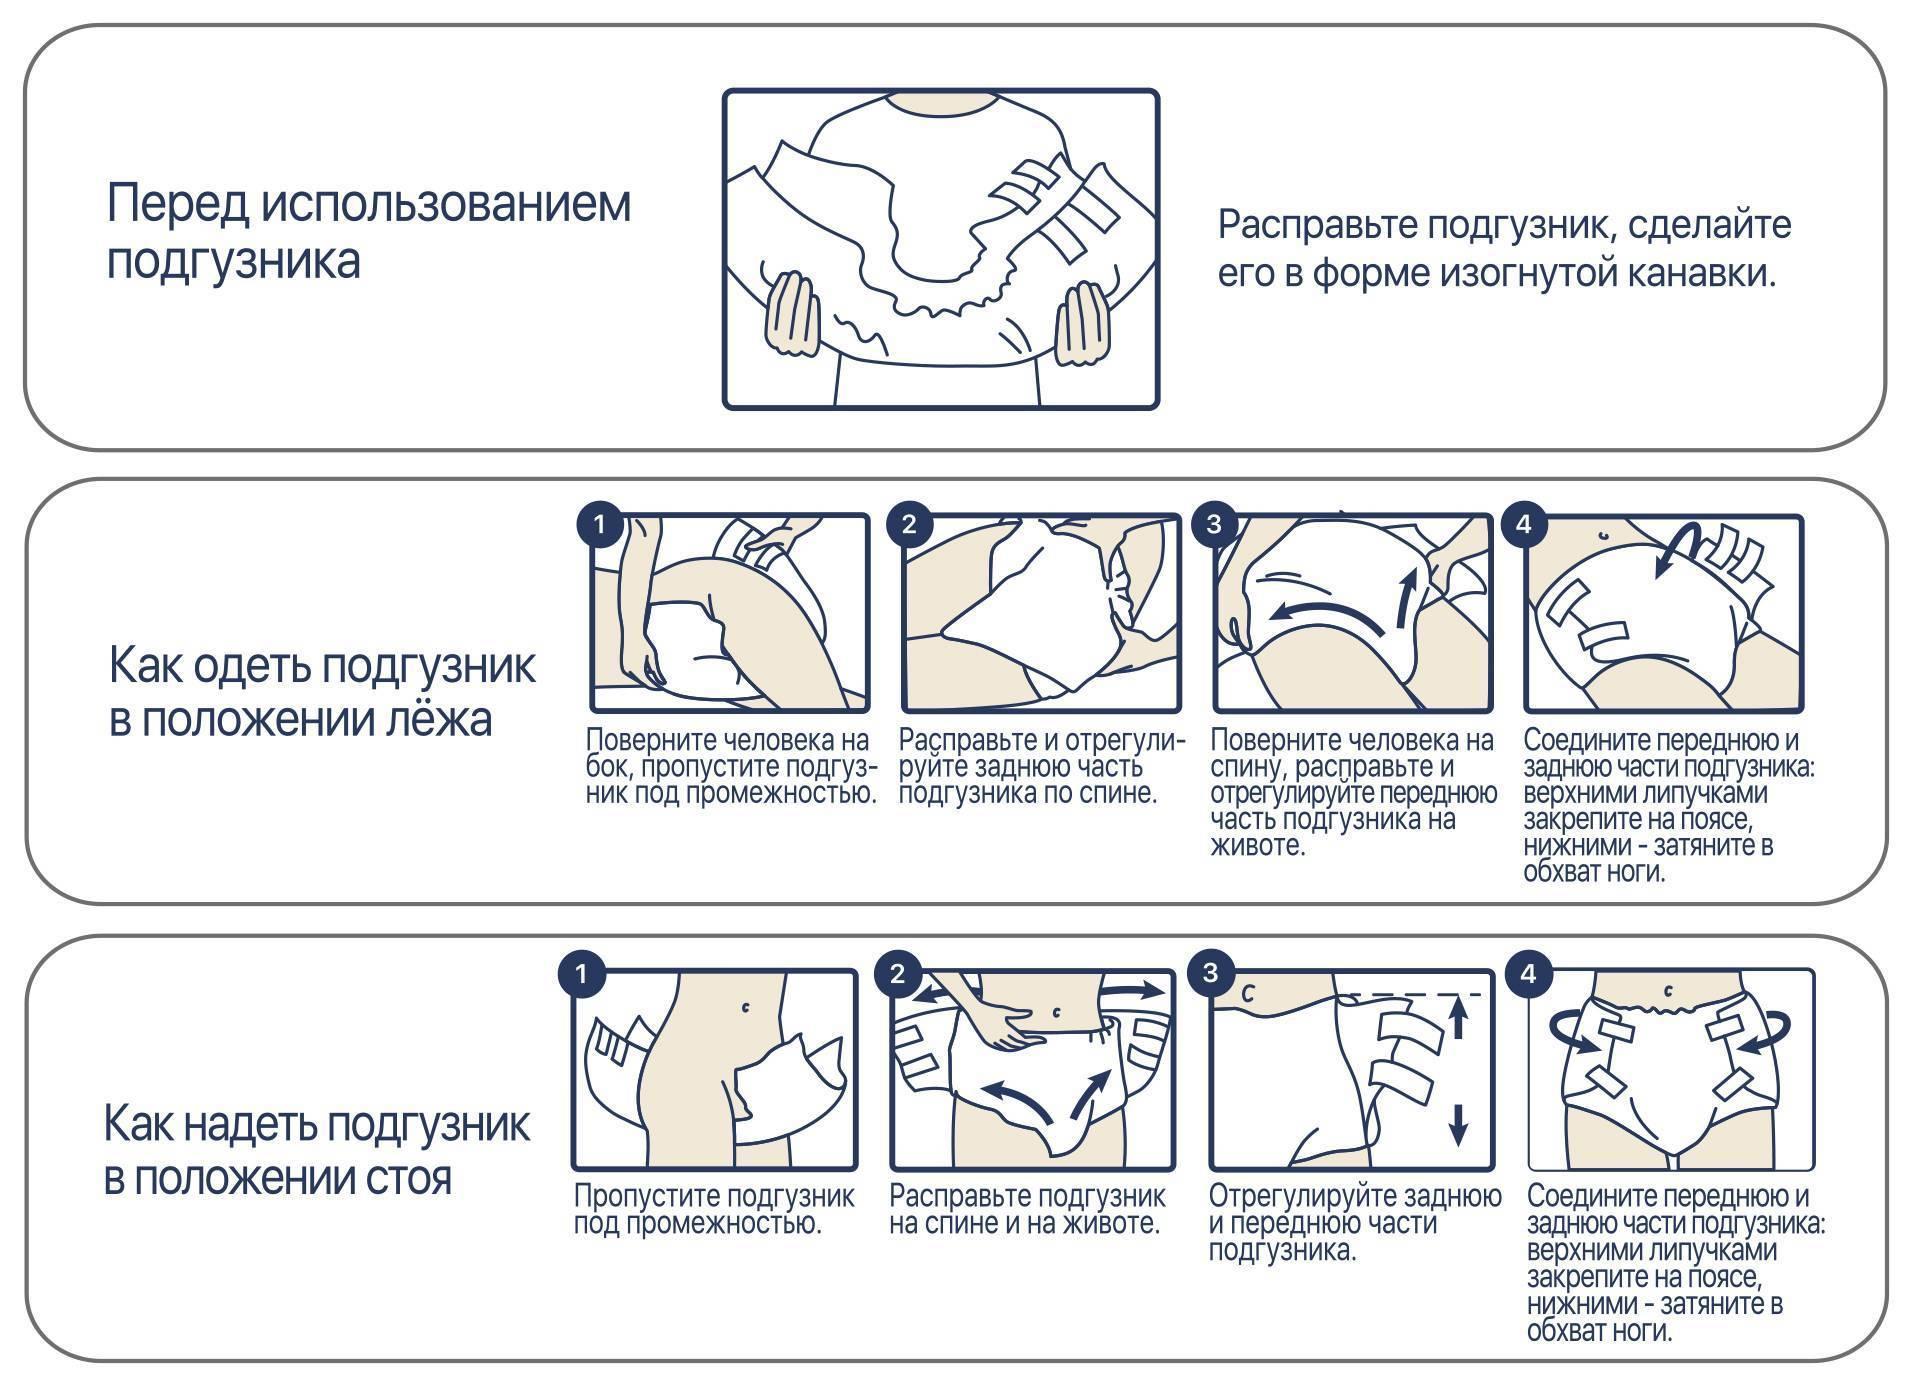 Сколько нужно памперсов для новорожденных: правила расчета на первый месяц жизни